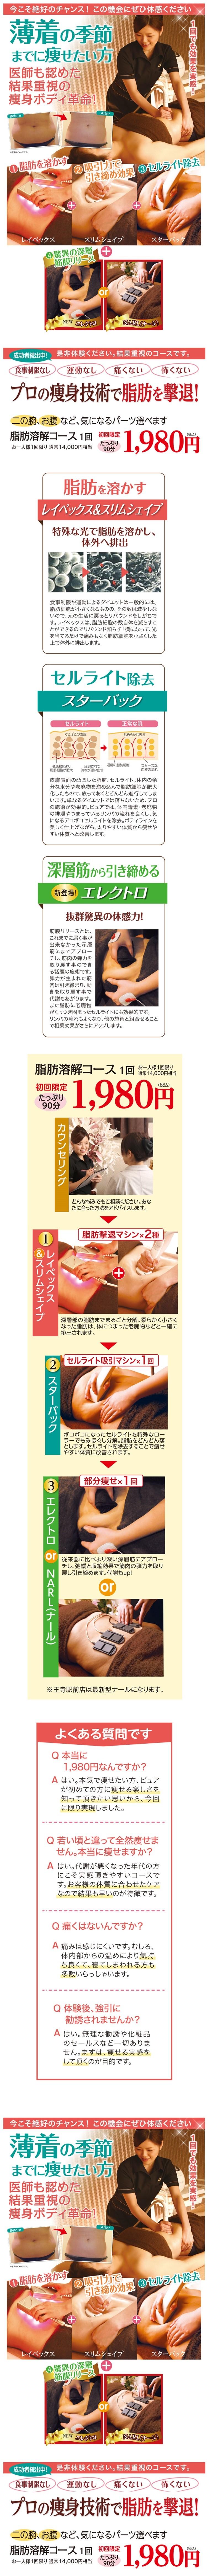 脂肪溶解1980円 痩身専門エステピュアスリム 奈良6店舗